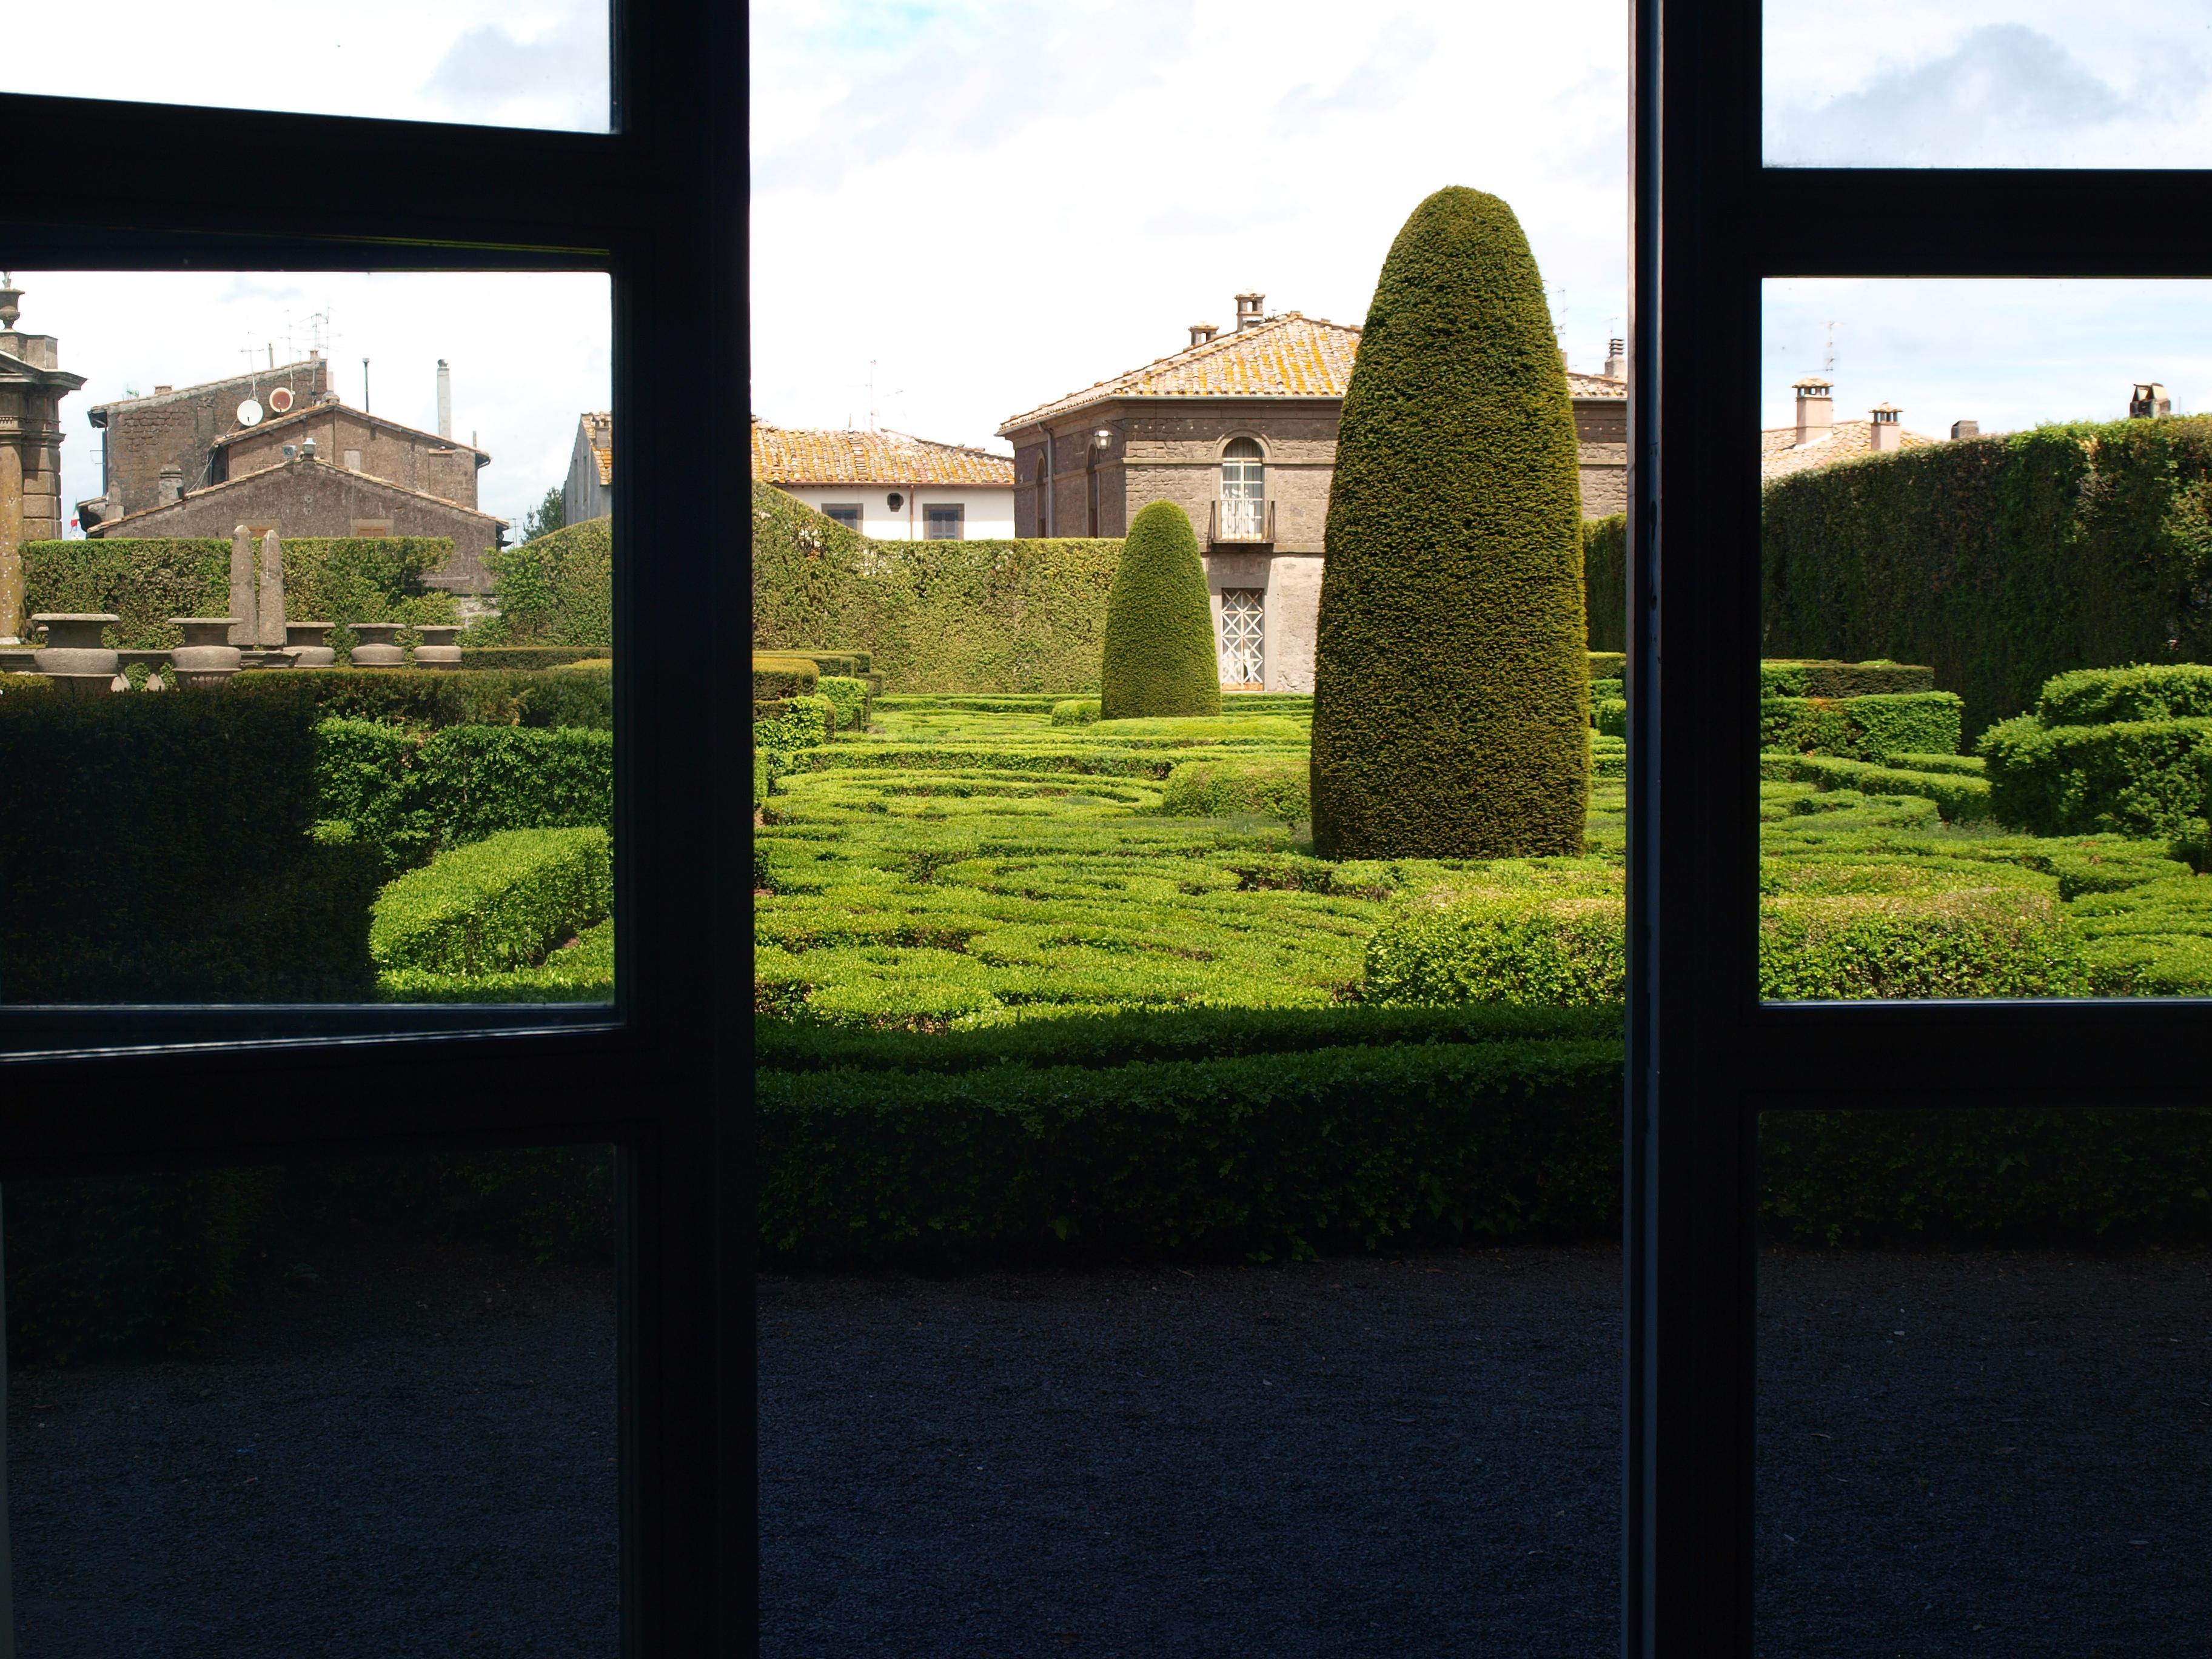 Verde e Contenta a… Villa Lante – Bagnaia – Viterbo